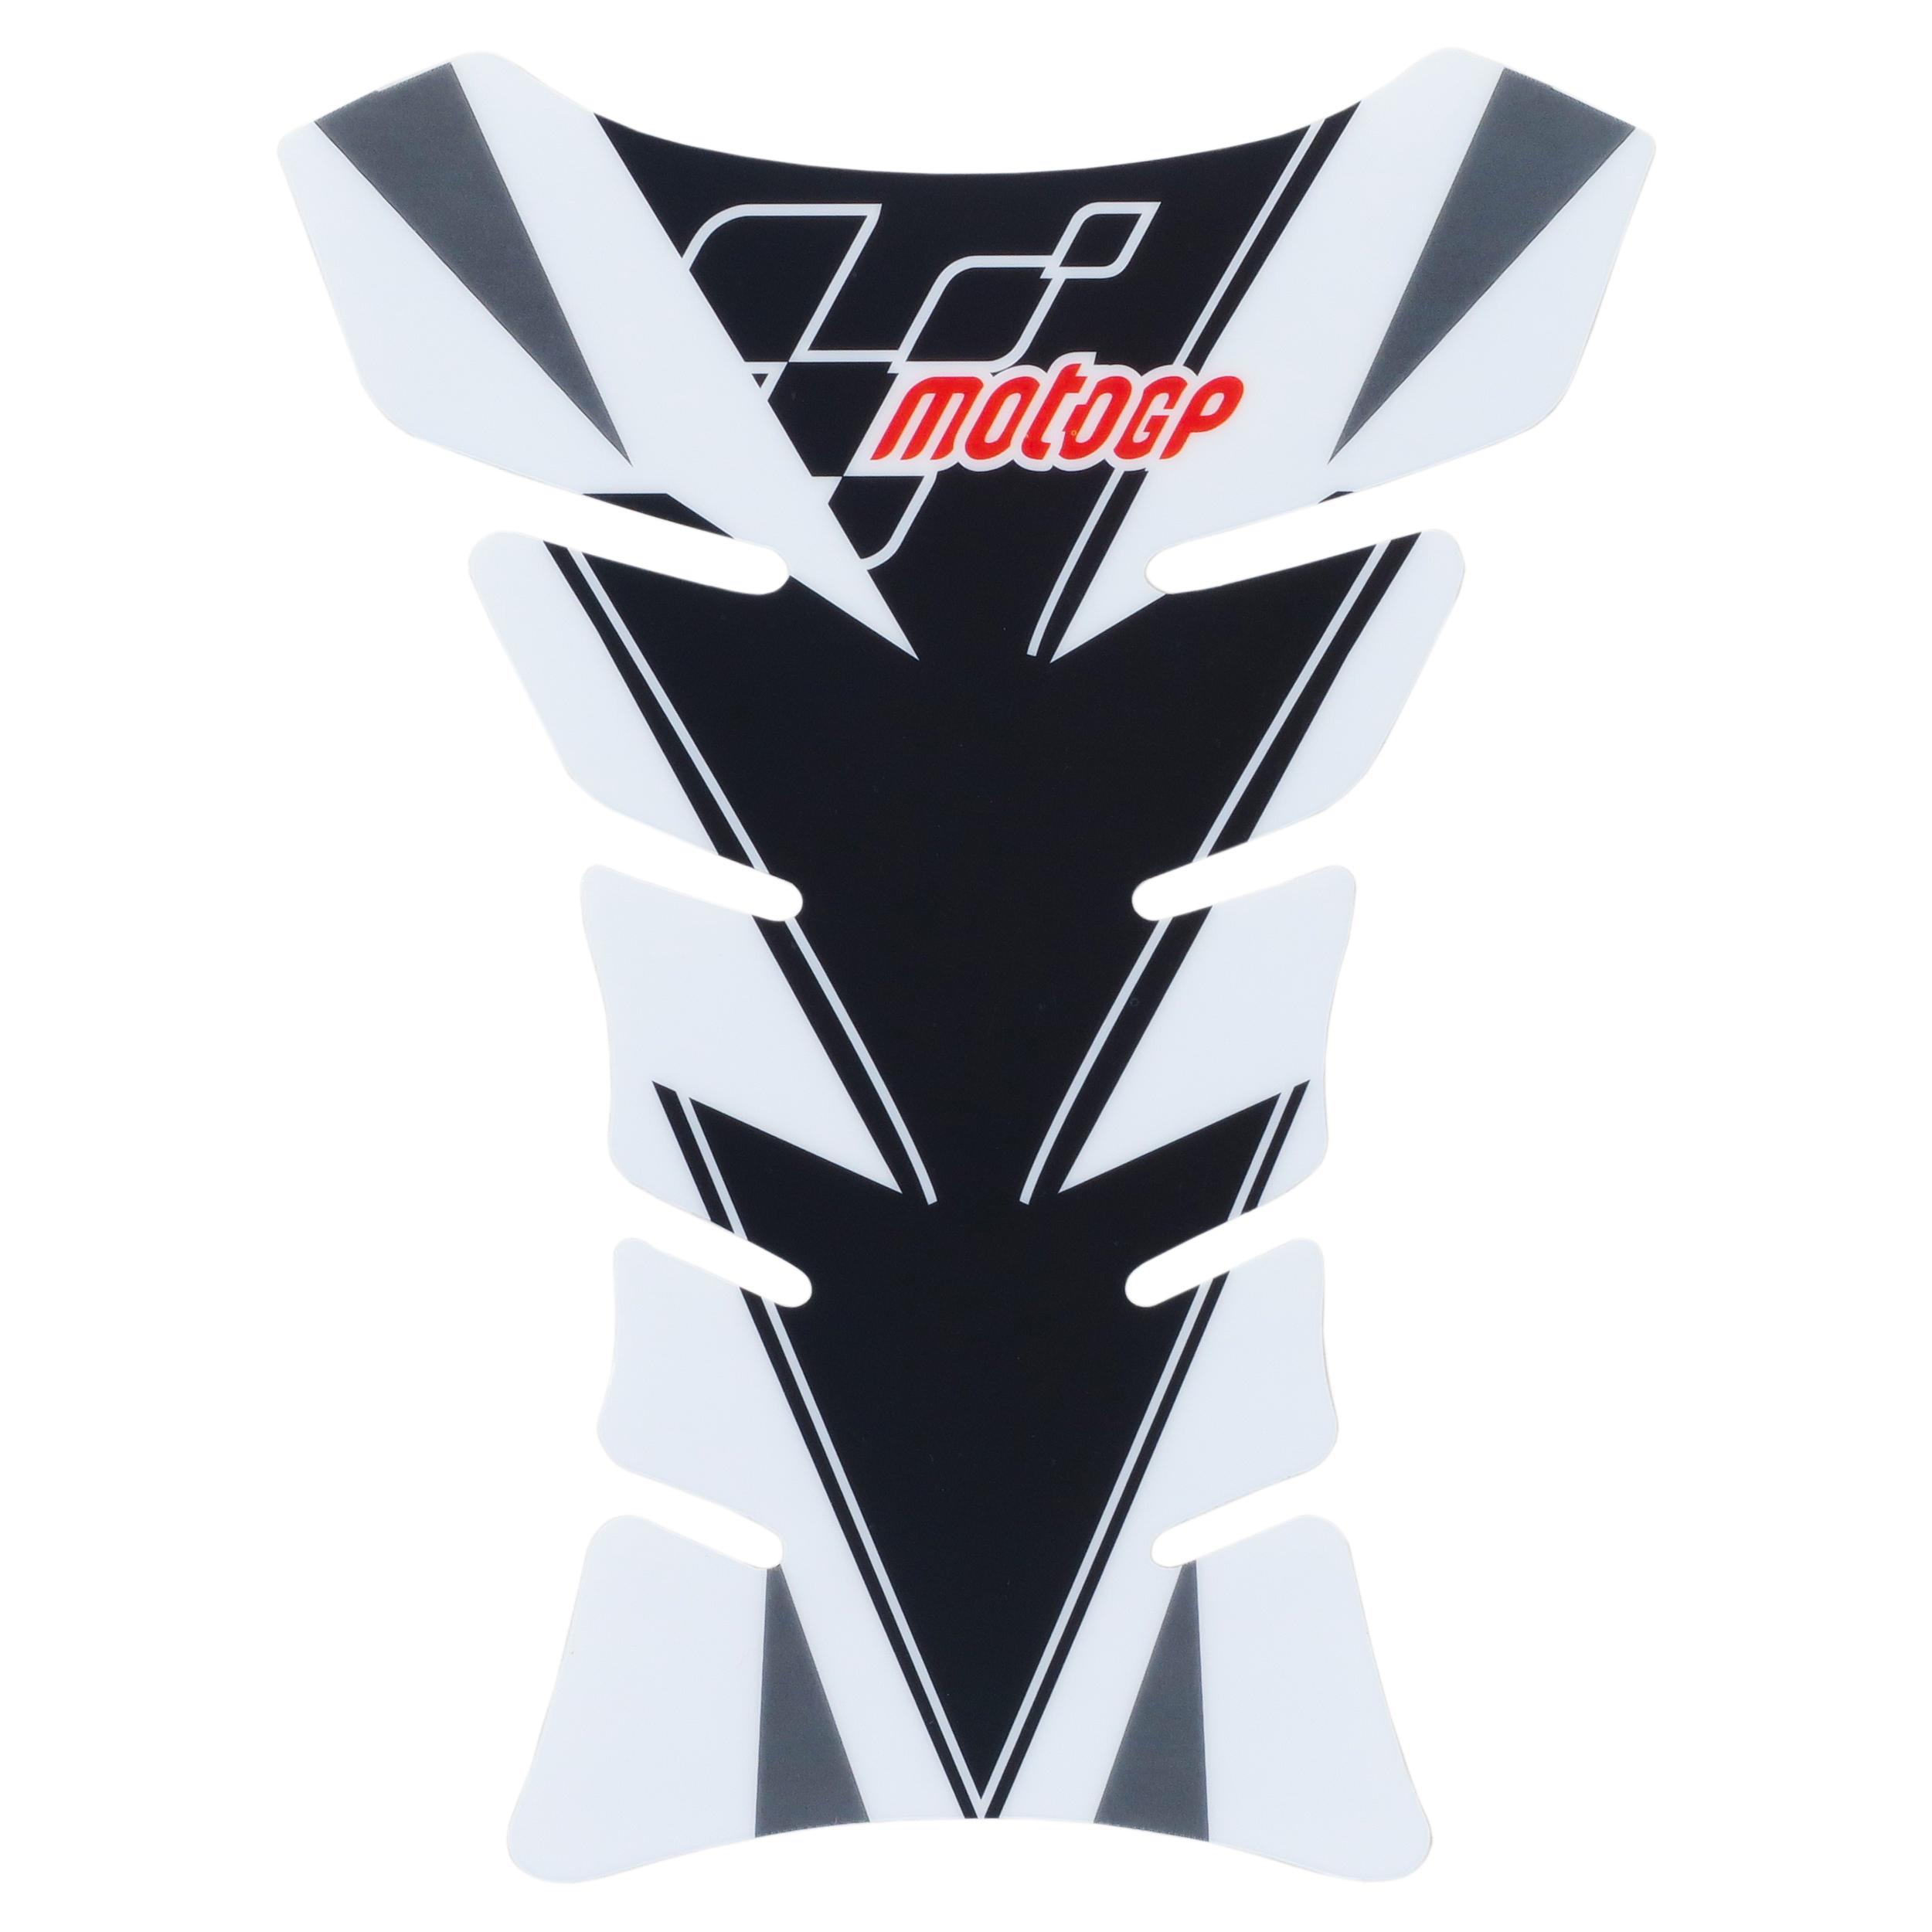 برچسب باک موتور سیکلت مدل MOTO11GPV2